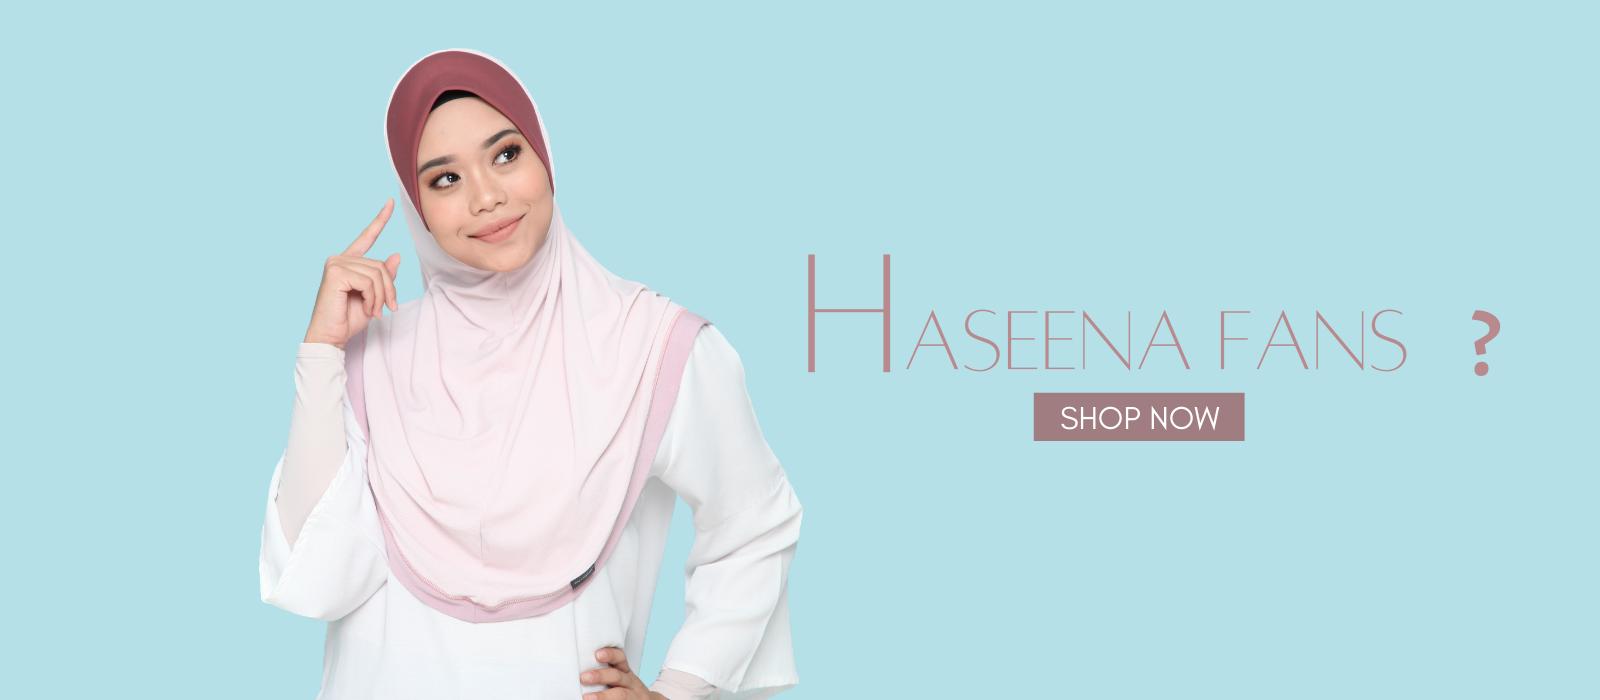 Banner Haseena 2 1600x700